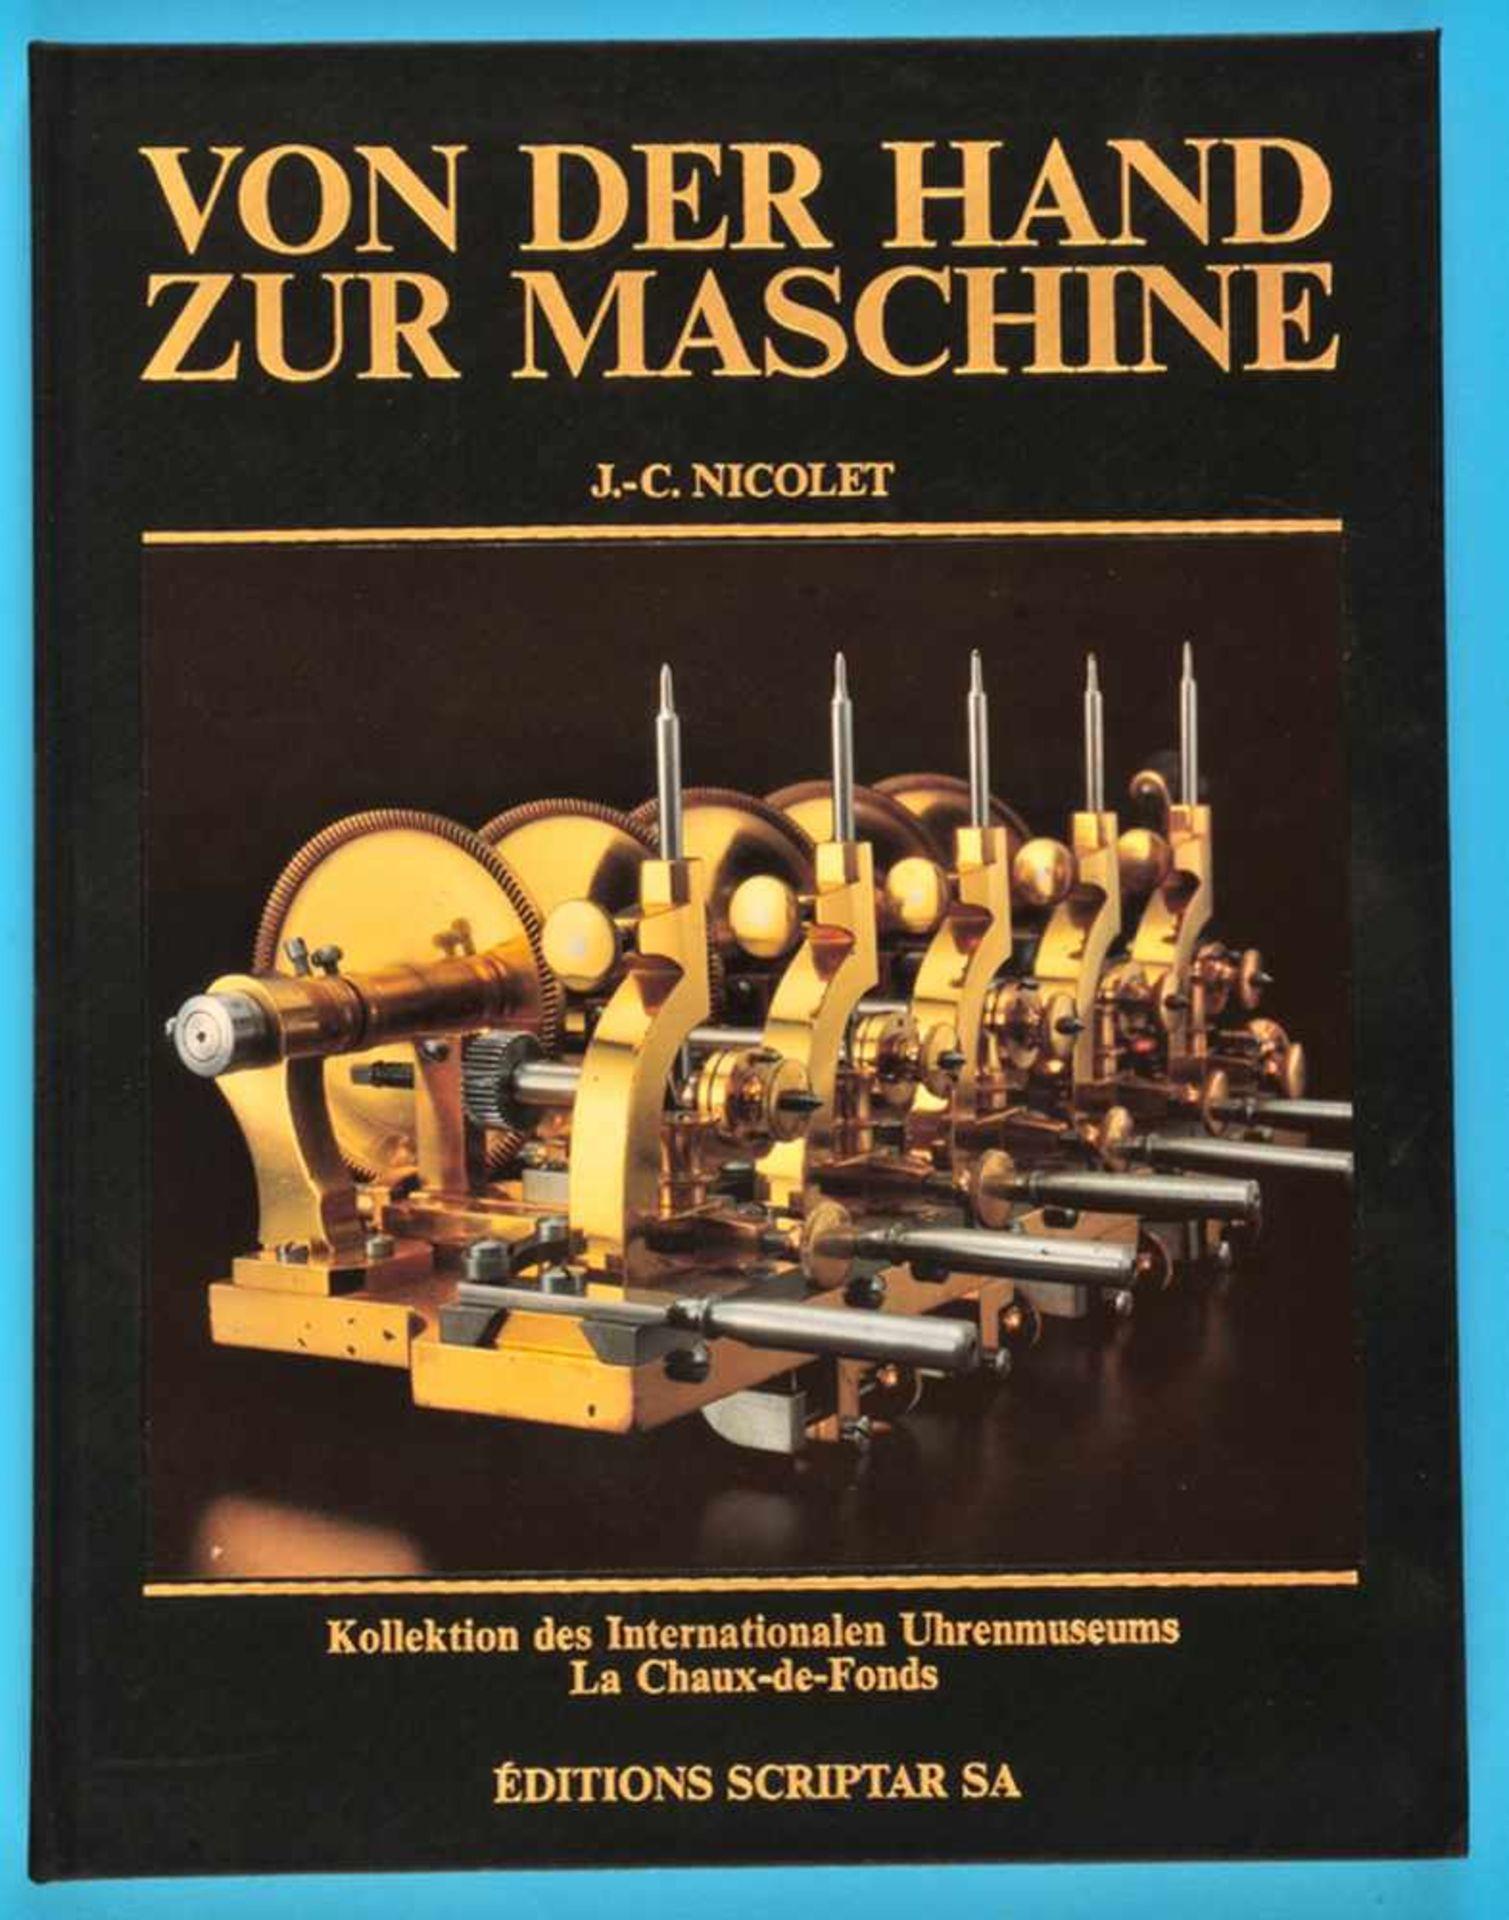 Los 36 - J.-C. Nicolet, Von der Hand zur Maschine, Kollektion des Internationalen Uhrenmuseums La Chaux-de-